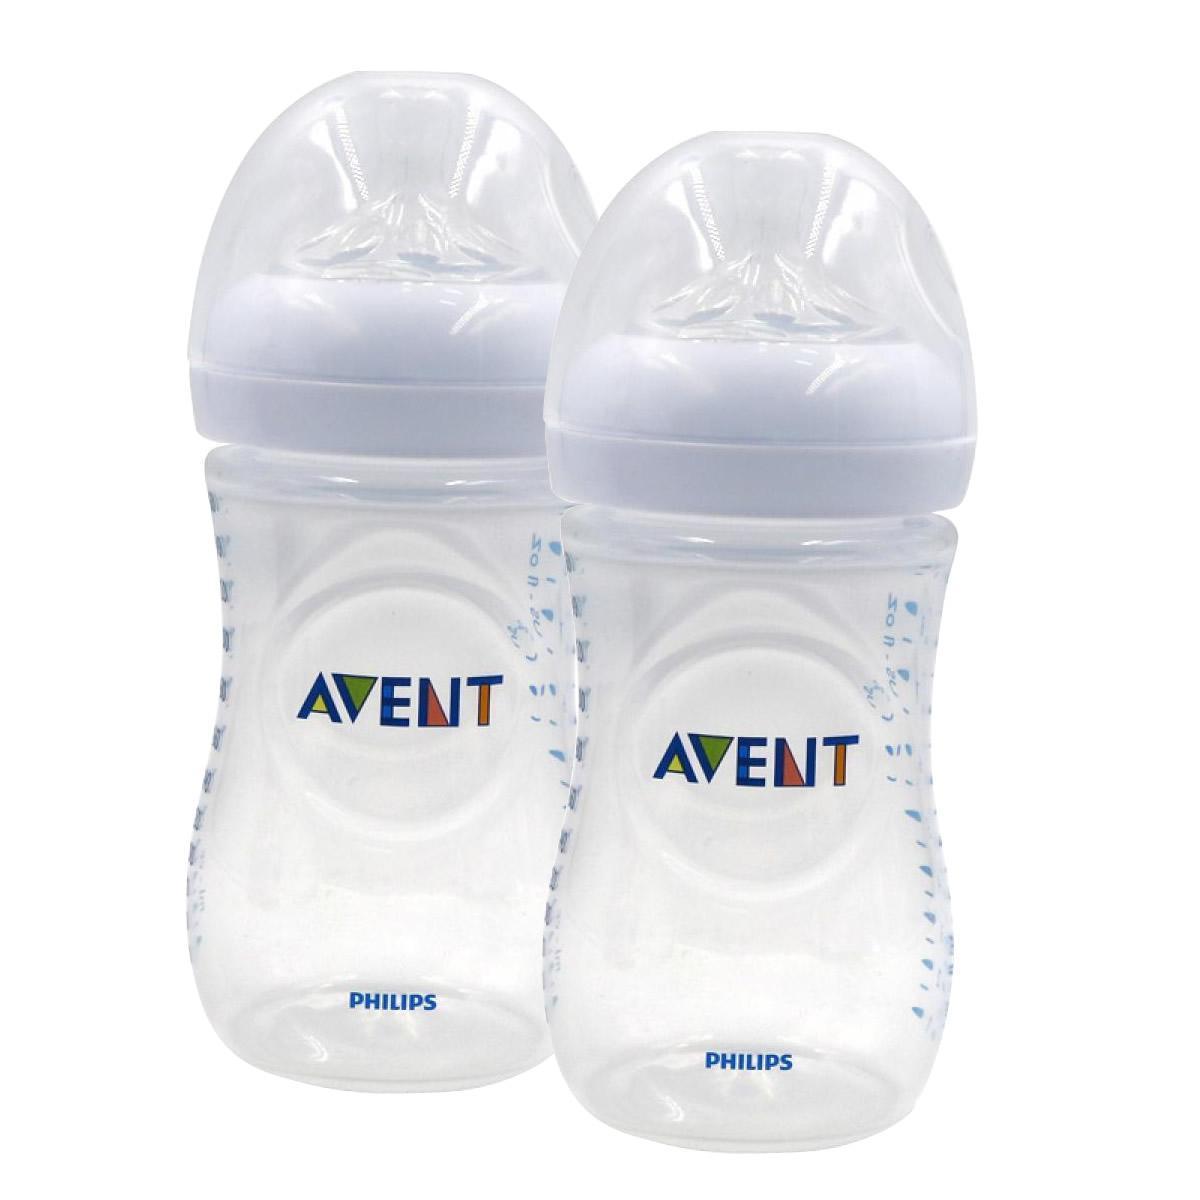 2个装 | AVENT飛利浦/新安怡 宽口径自然原生PP奶瓶260ml 1m+